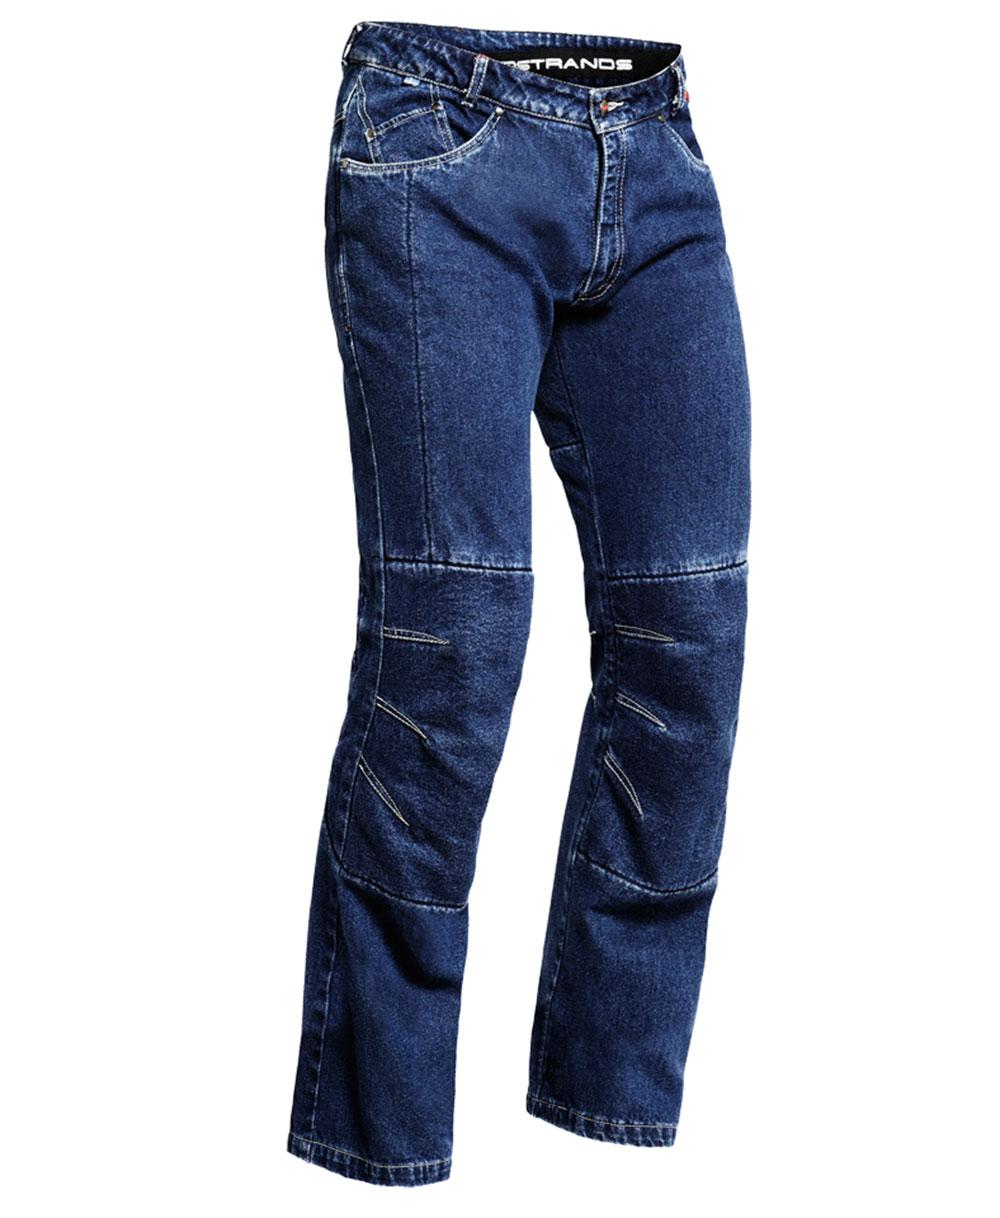 lindstrands housse bleu moto pantalon jeans jambe courte. Black Bedroom Furniture Sets. Home Design Ideas